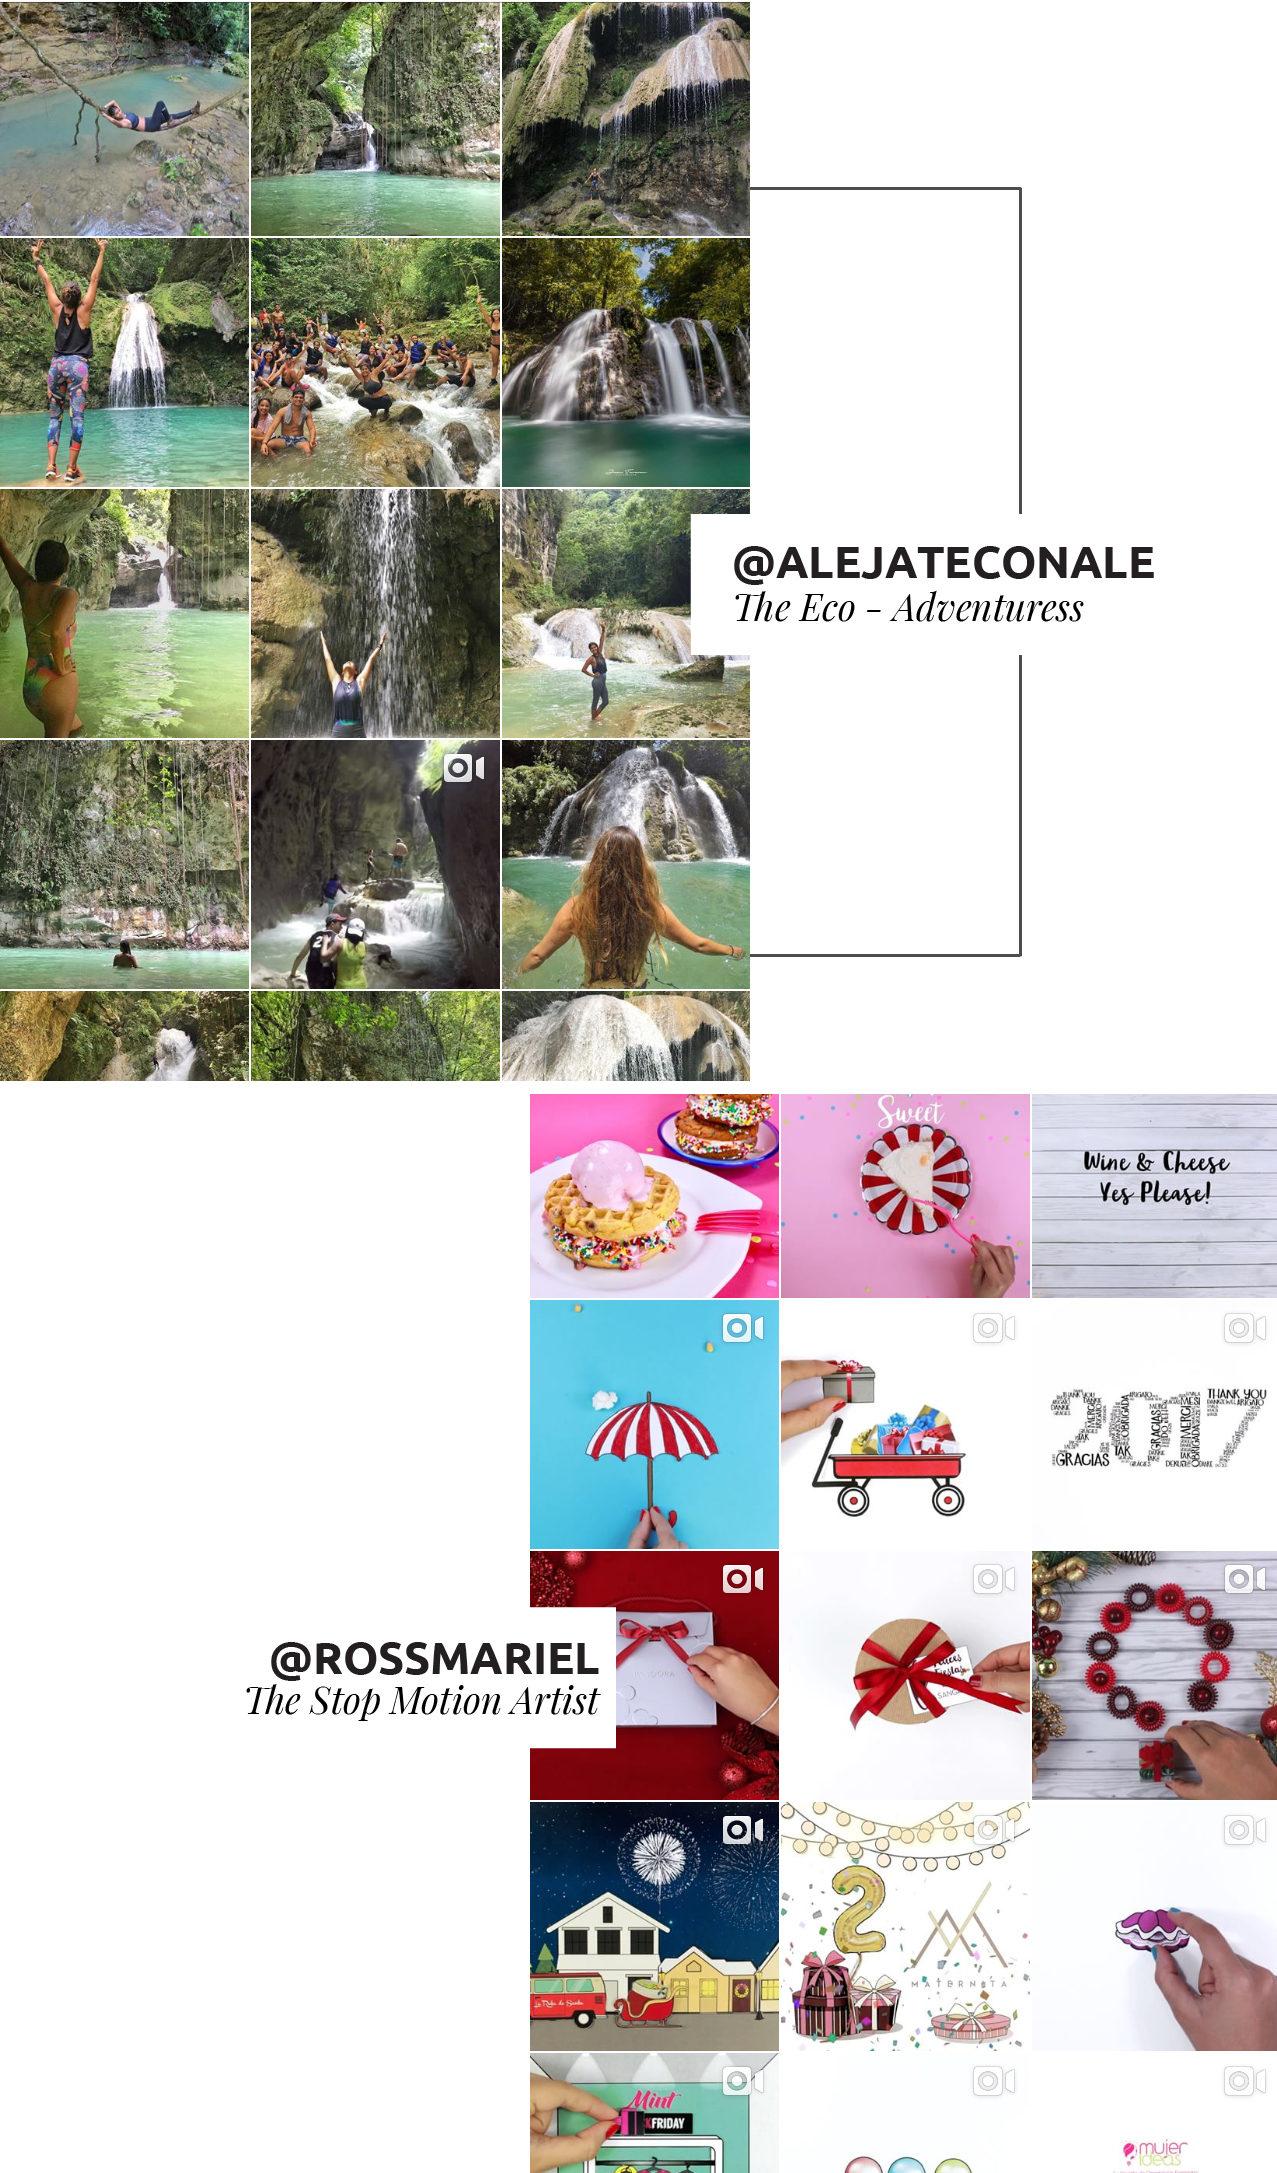 Nueva lista de cuentas en instagram que debes seguir. Todos son dominicanas, super talentosas y te prometo que te mantendrán inspirado.